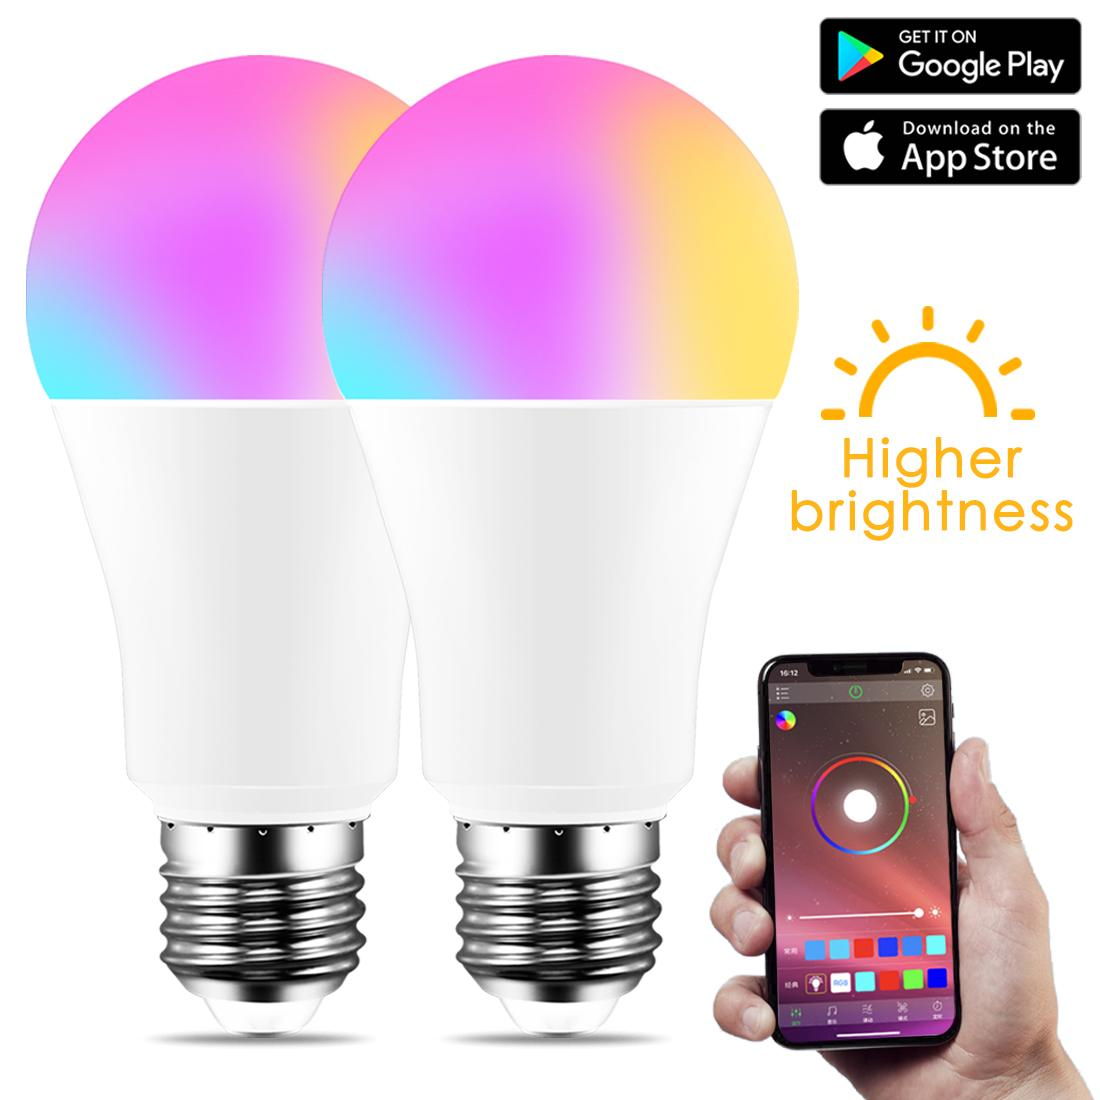 IOS / 안드로이드에 대한 무선 블루투스 4.0 스마트 전구 홈 조명 램프 10W E27 B22 매직 RGB + W LED 색 변경 전구 디 밍이